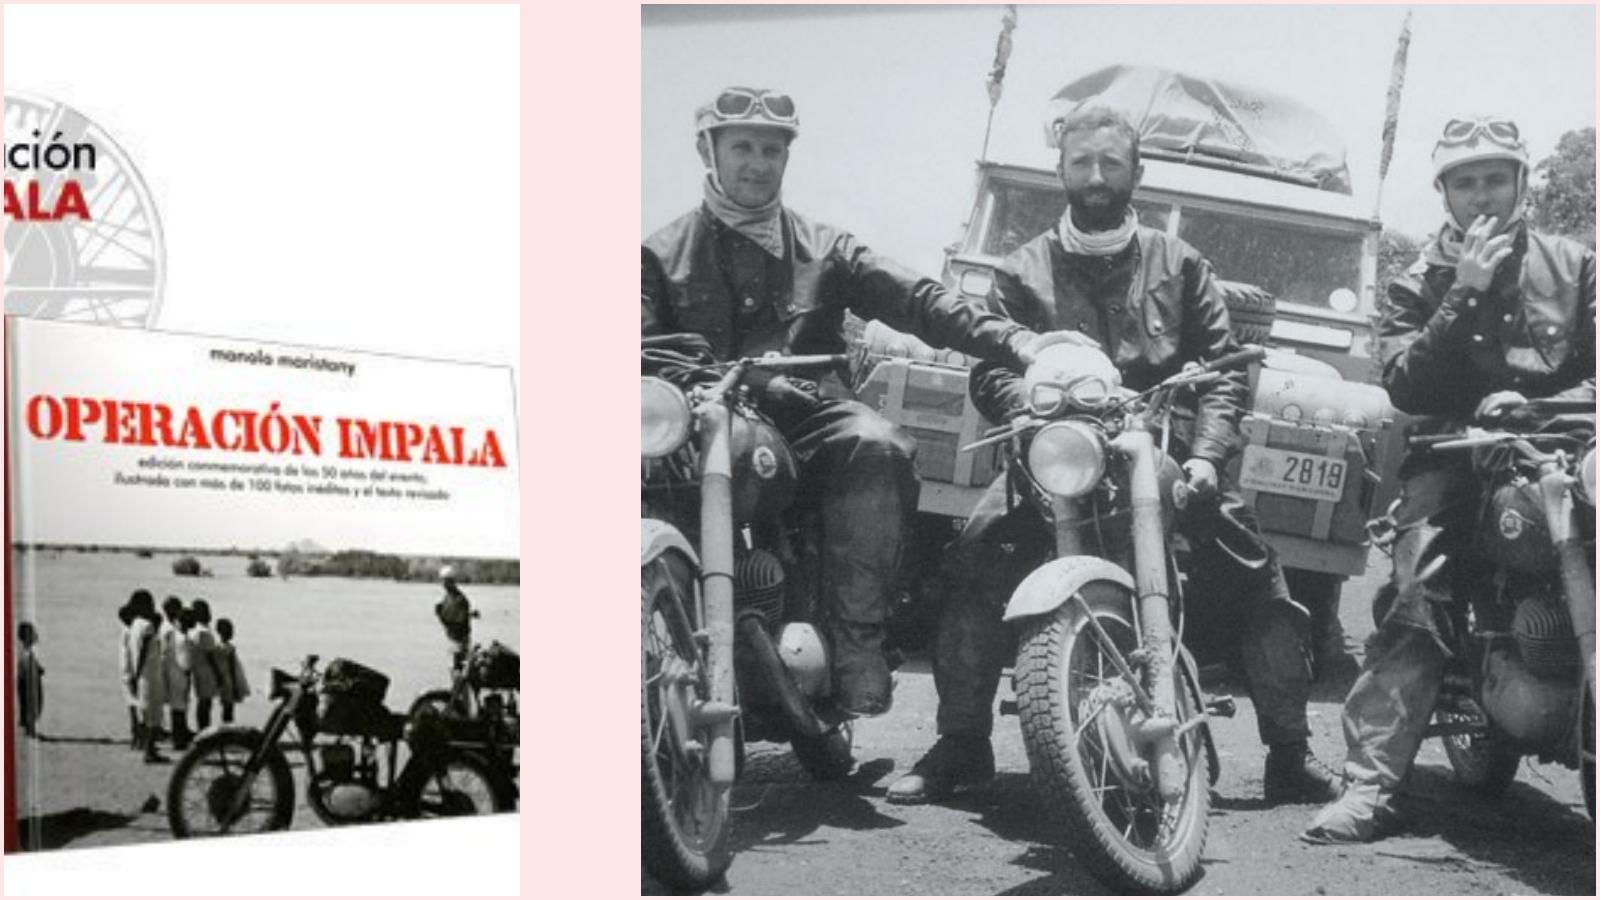 Operación Impala / Manolo Maristany